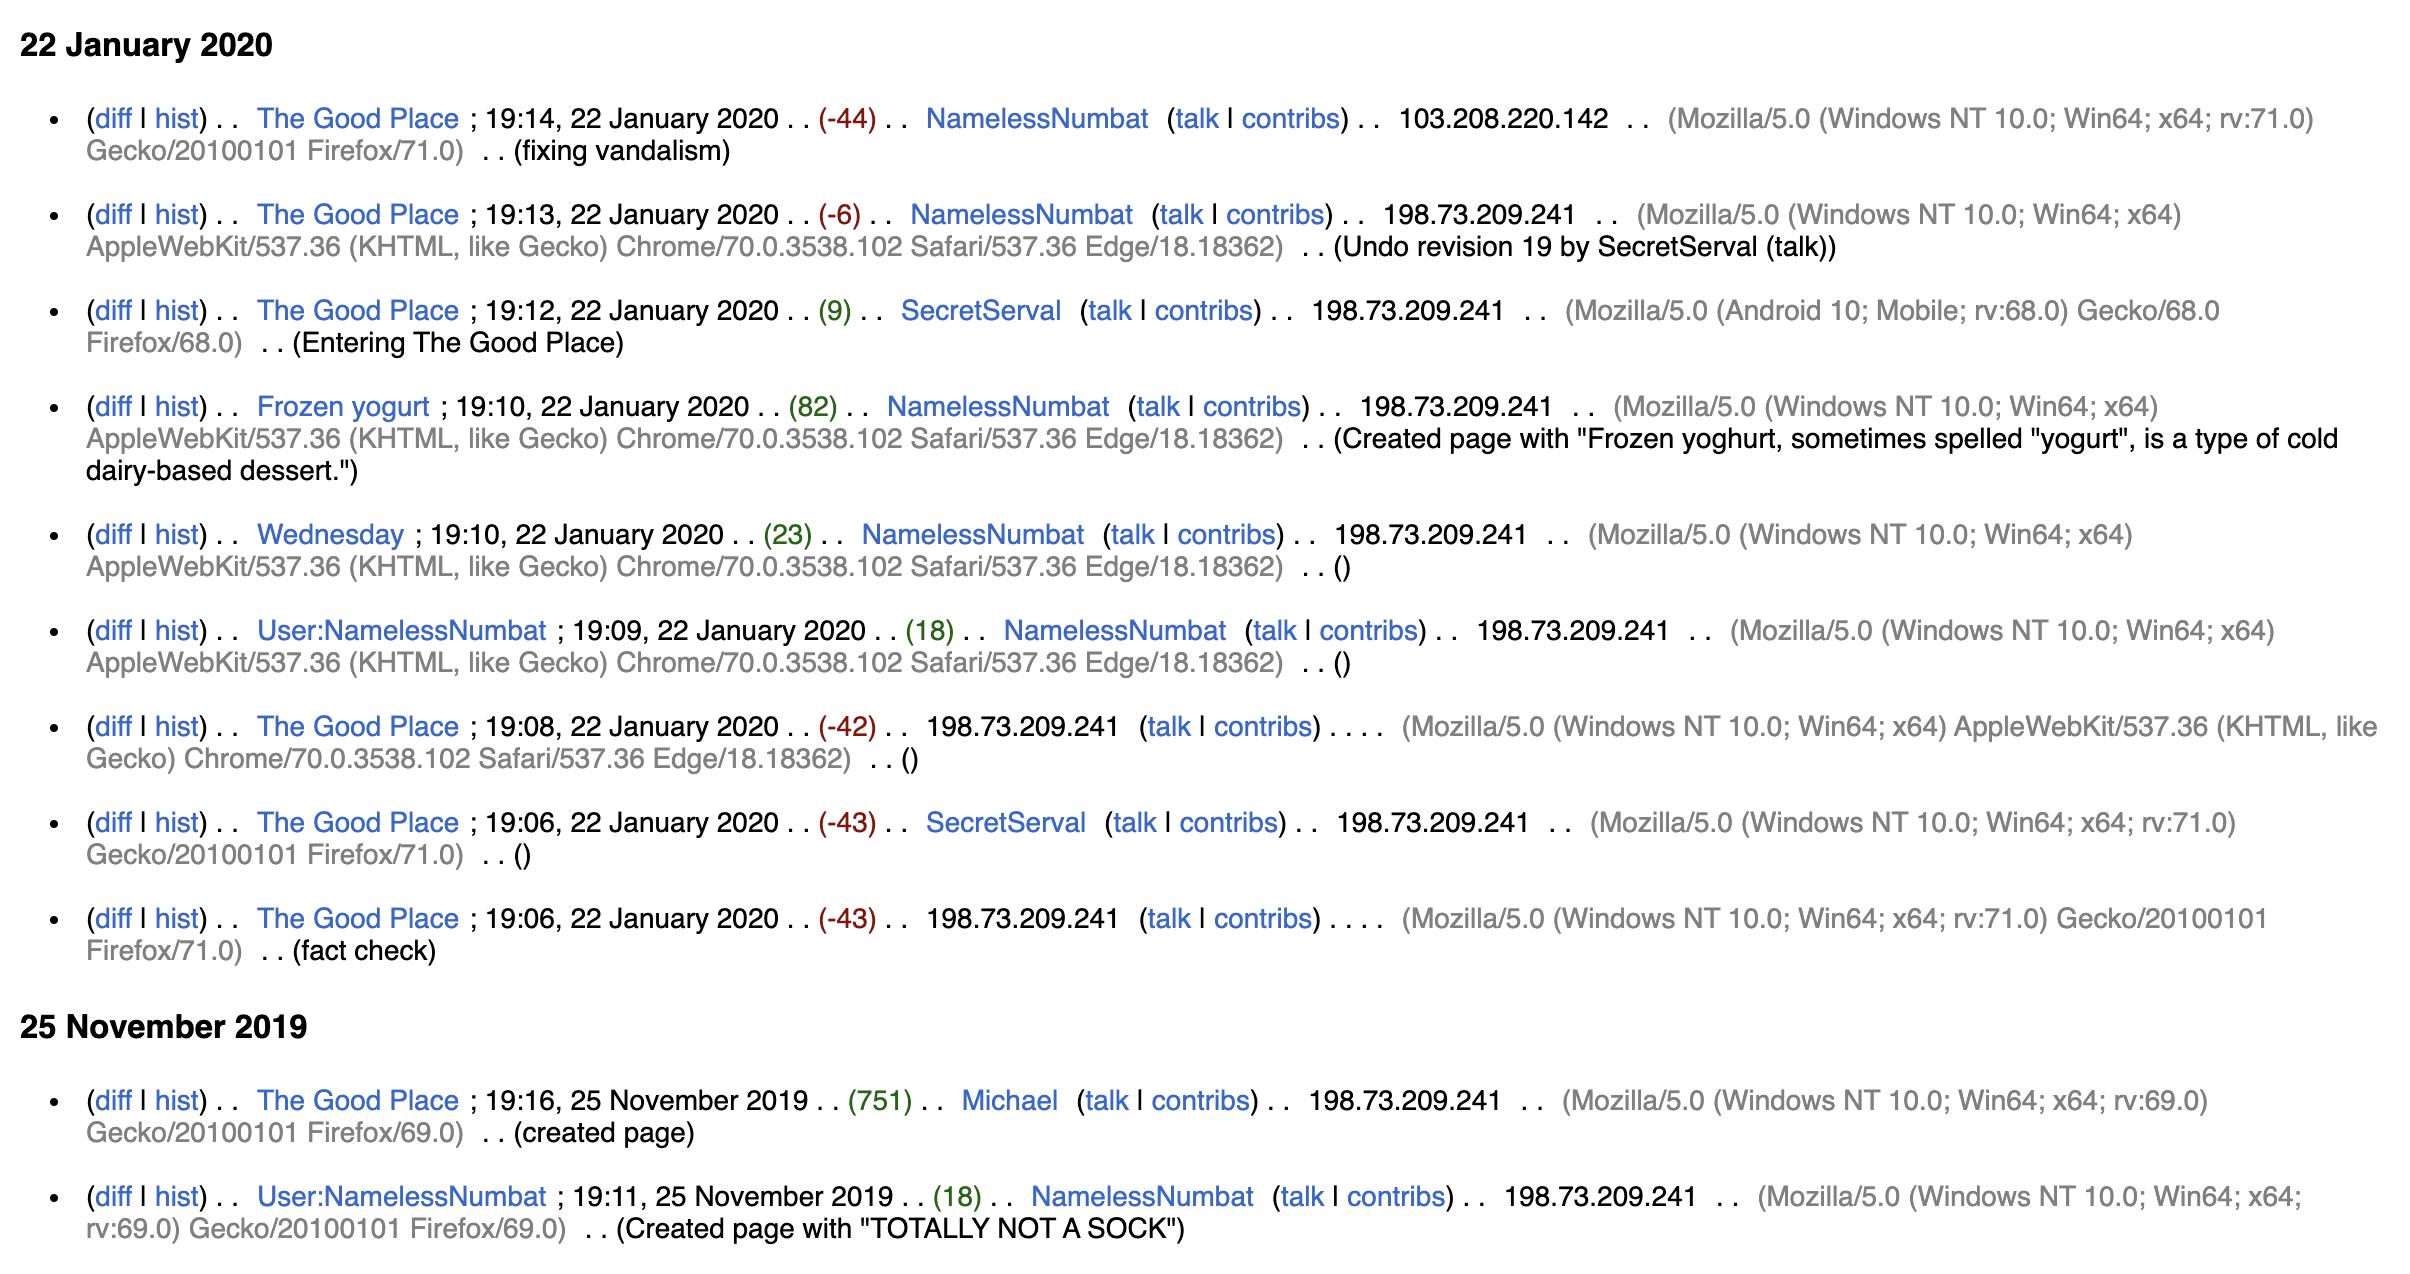 Screenshot 2020-03-09 at 8.42.26 AM.png (1×2 px, 616 KB)